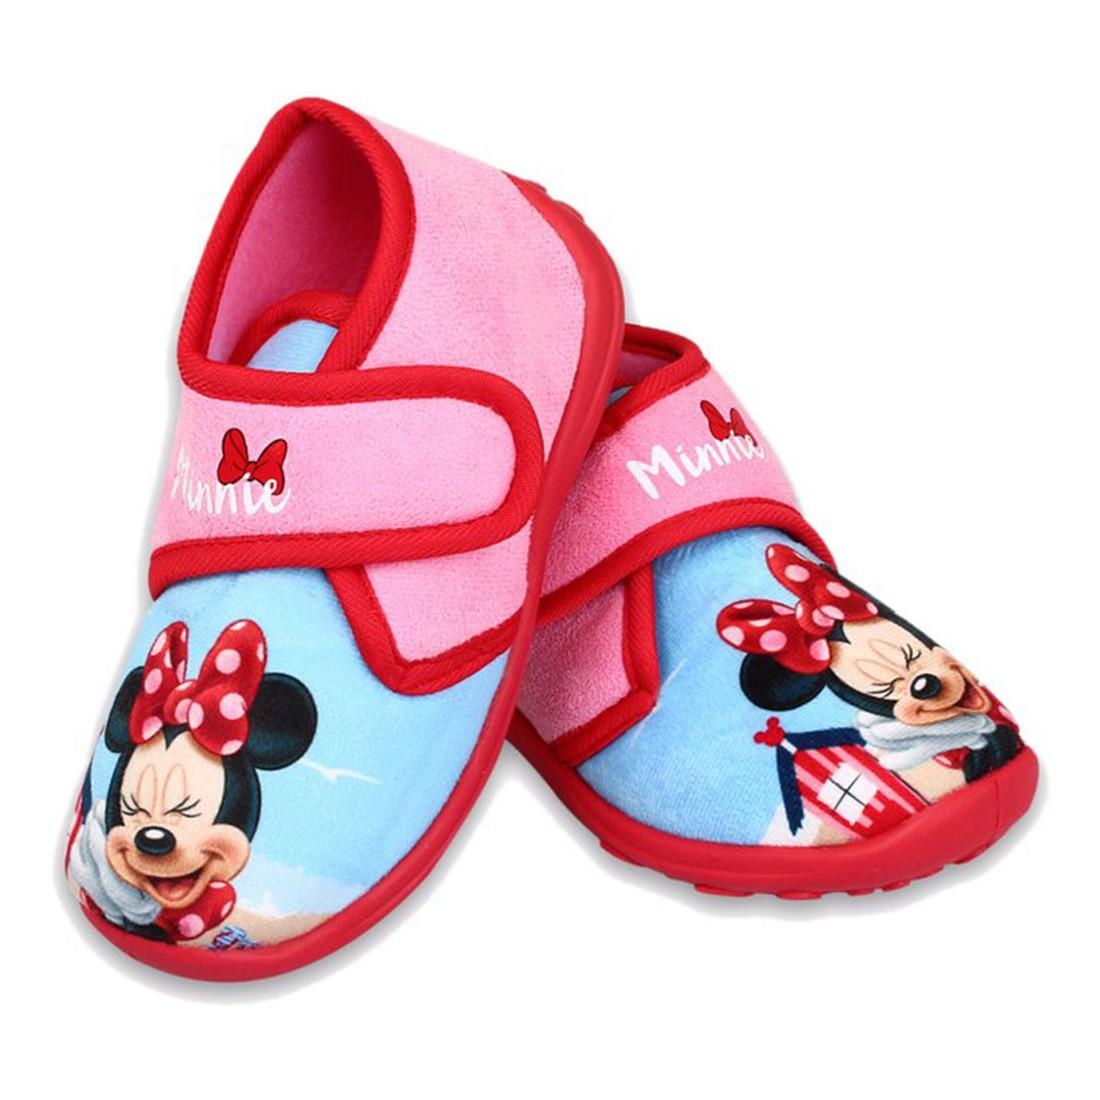 Kapcie Myszka Minnie 24 25